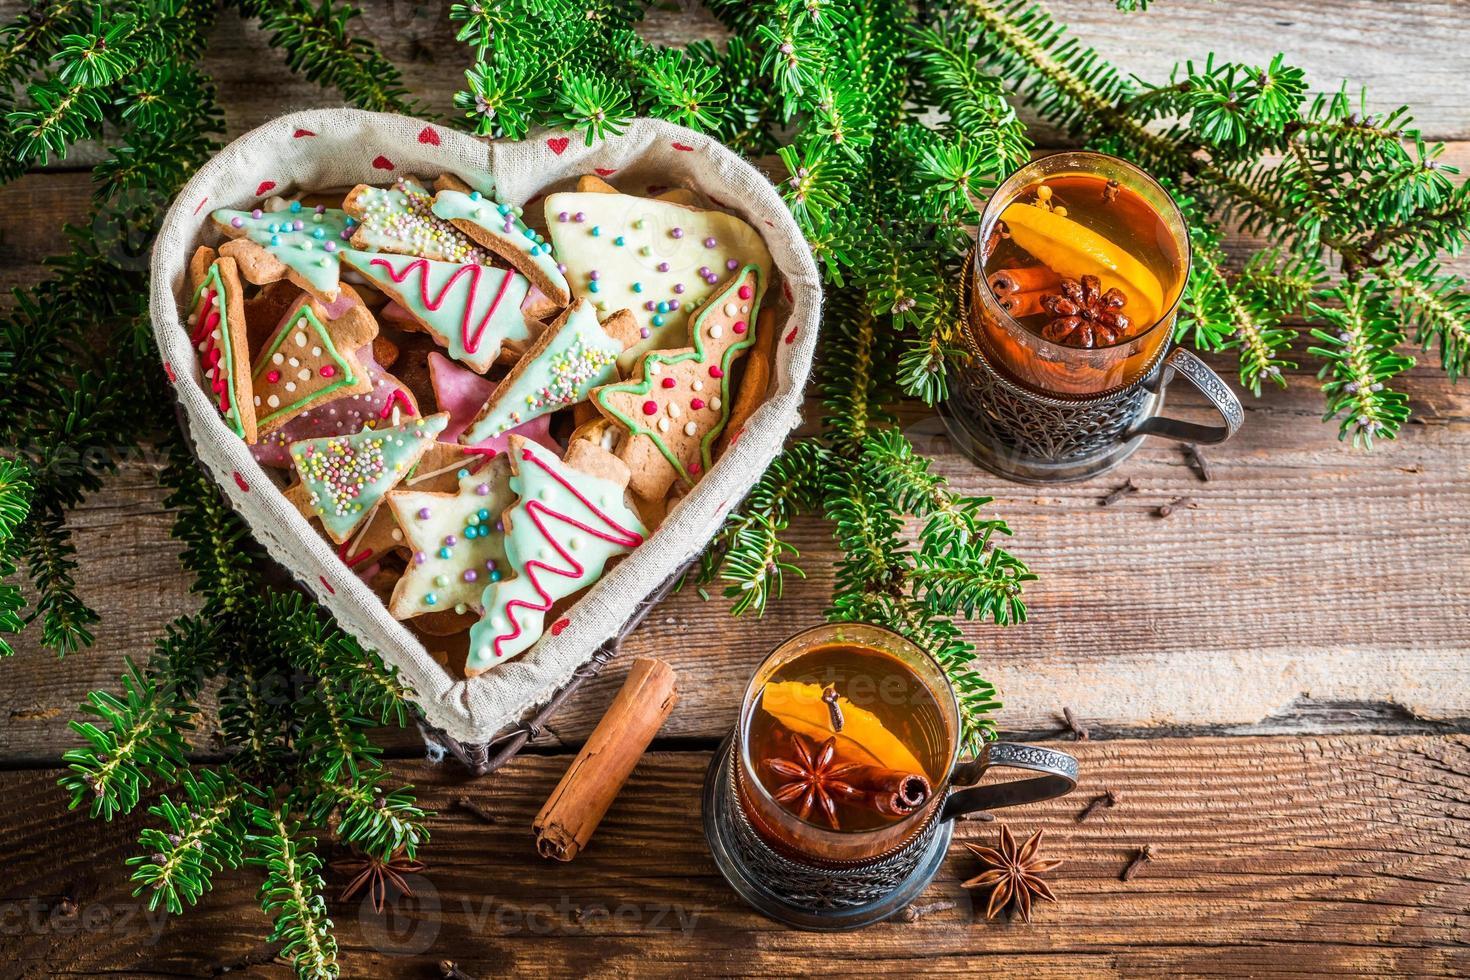 genieße deinen Weihnachtstee foto